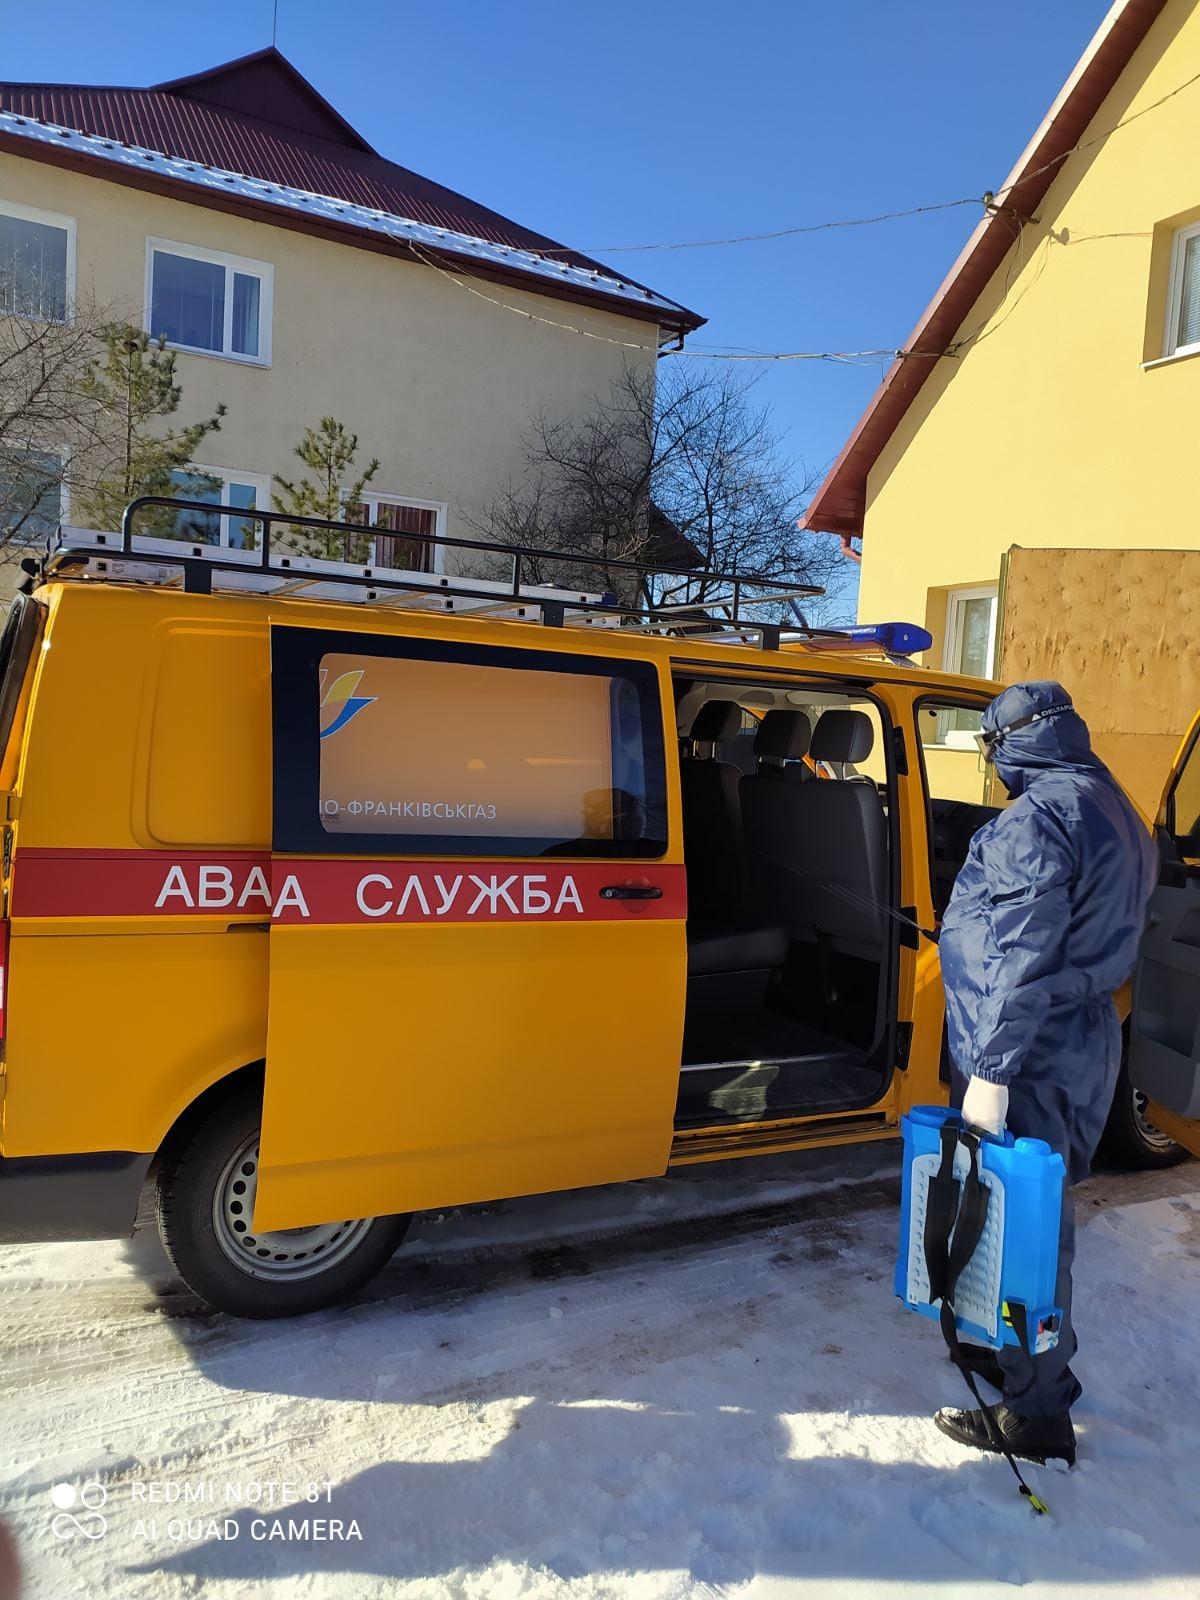 Аварійна газова служба просить прикарпатців під час виклику повідомляти про хворих вдома (ФОТО)